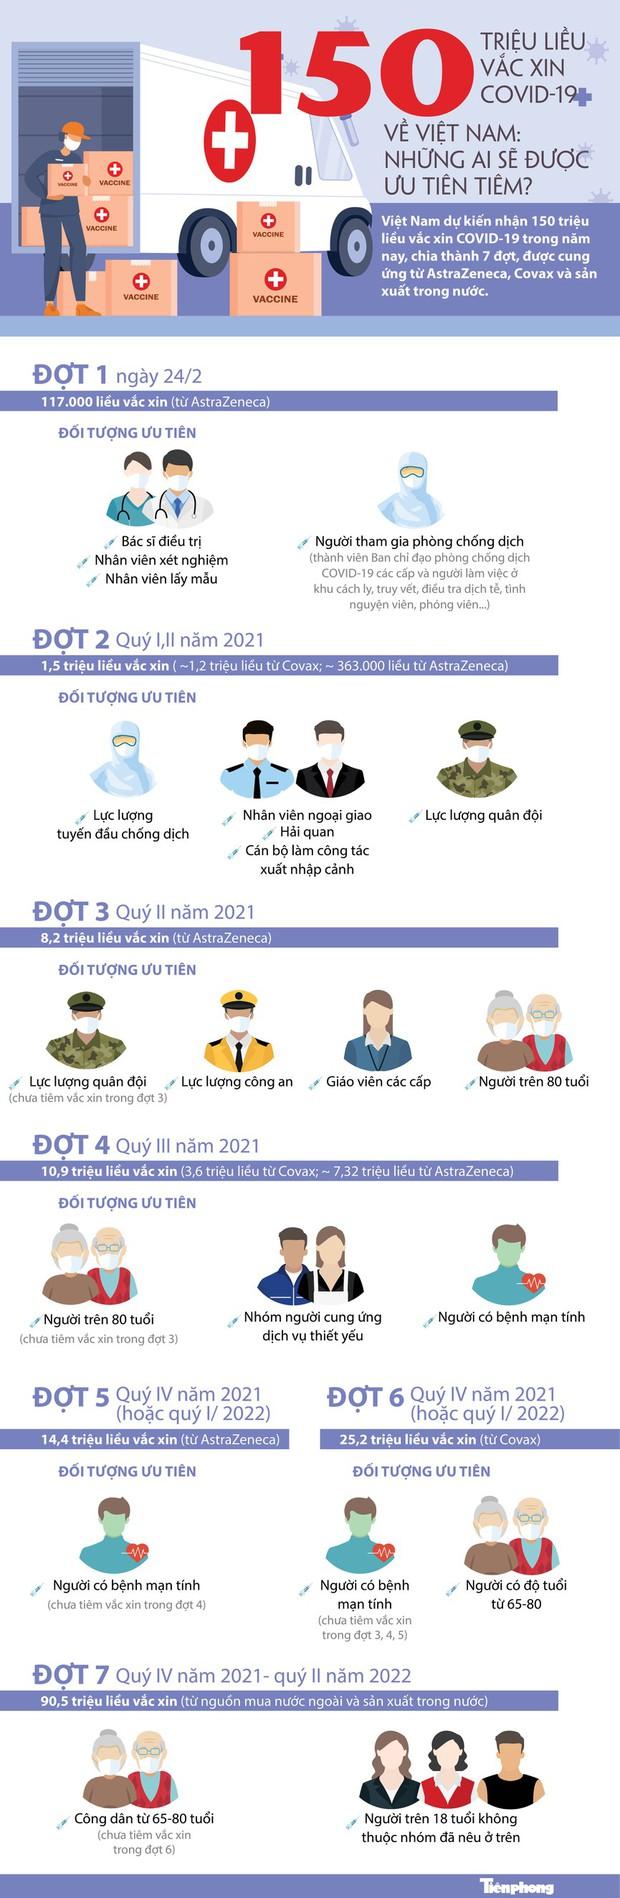 150 triệu liều vắc xin COVID-19 về Việt Nam: Những ai sẽ được ưu tiên tiêm? - Ảnh 1.